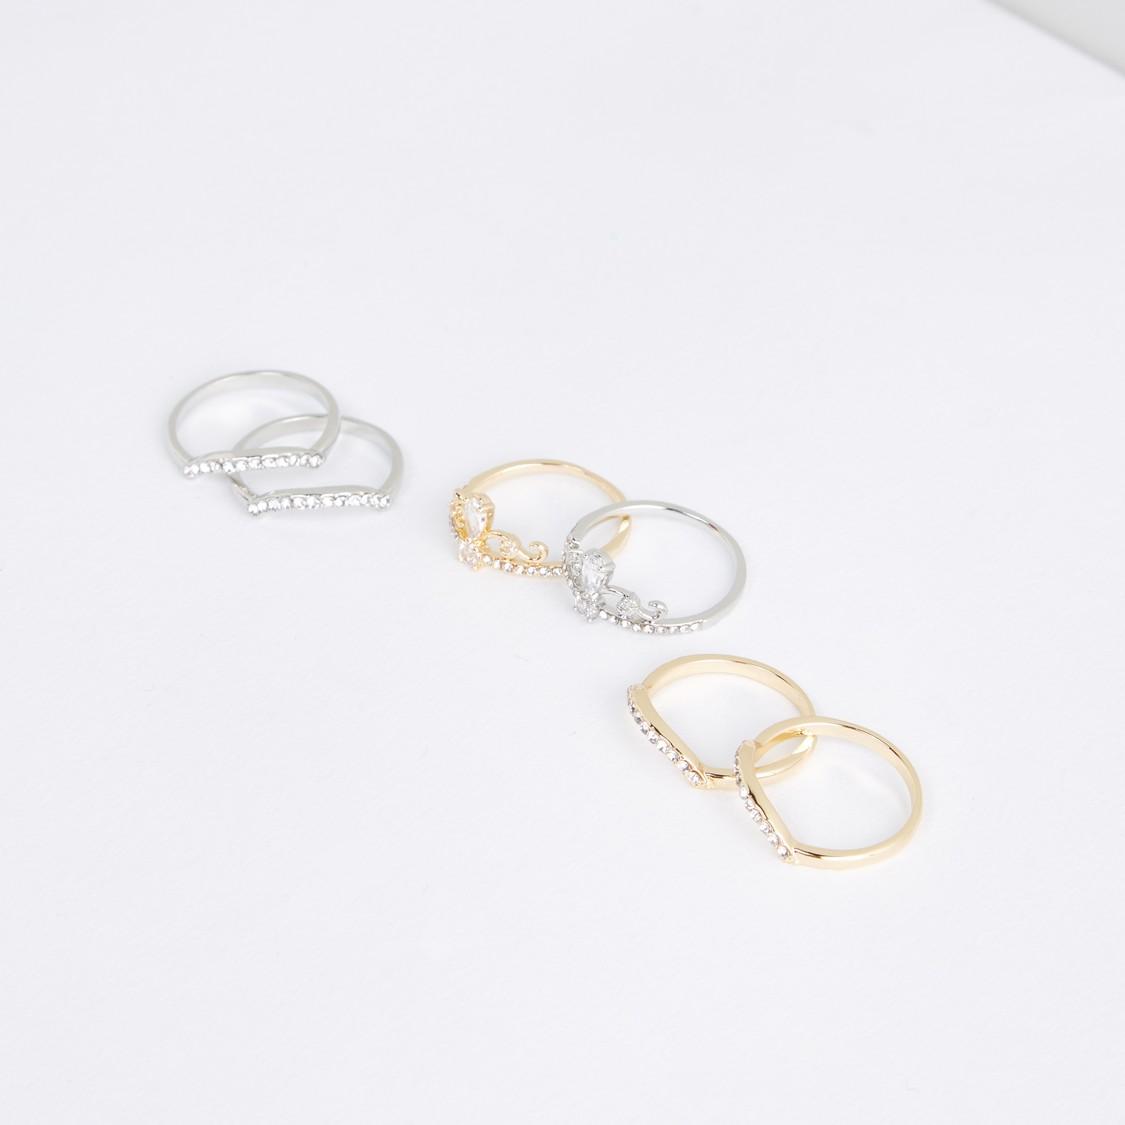 Studded Finger Ring - Set of 6